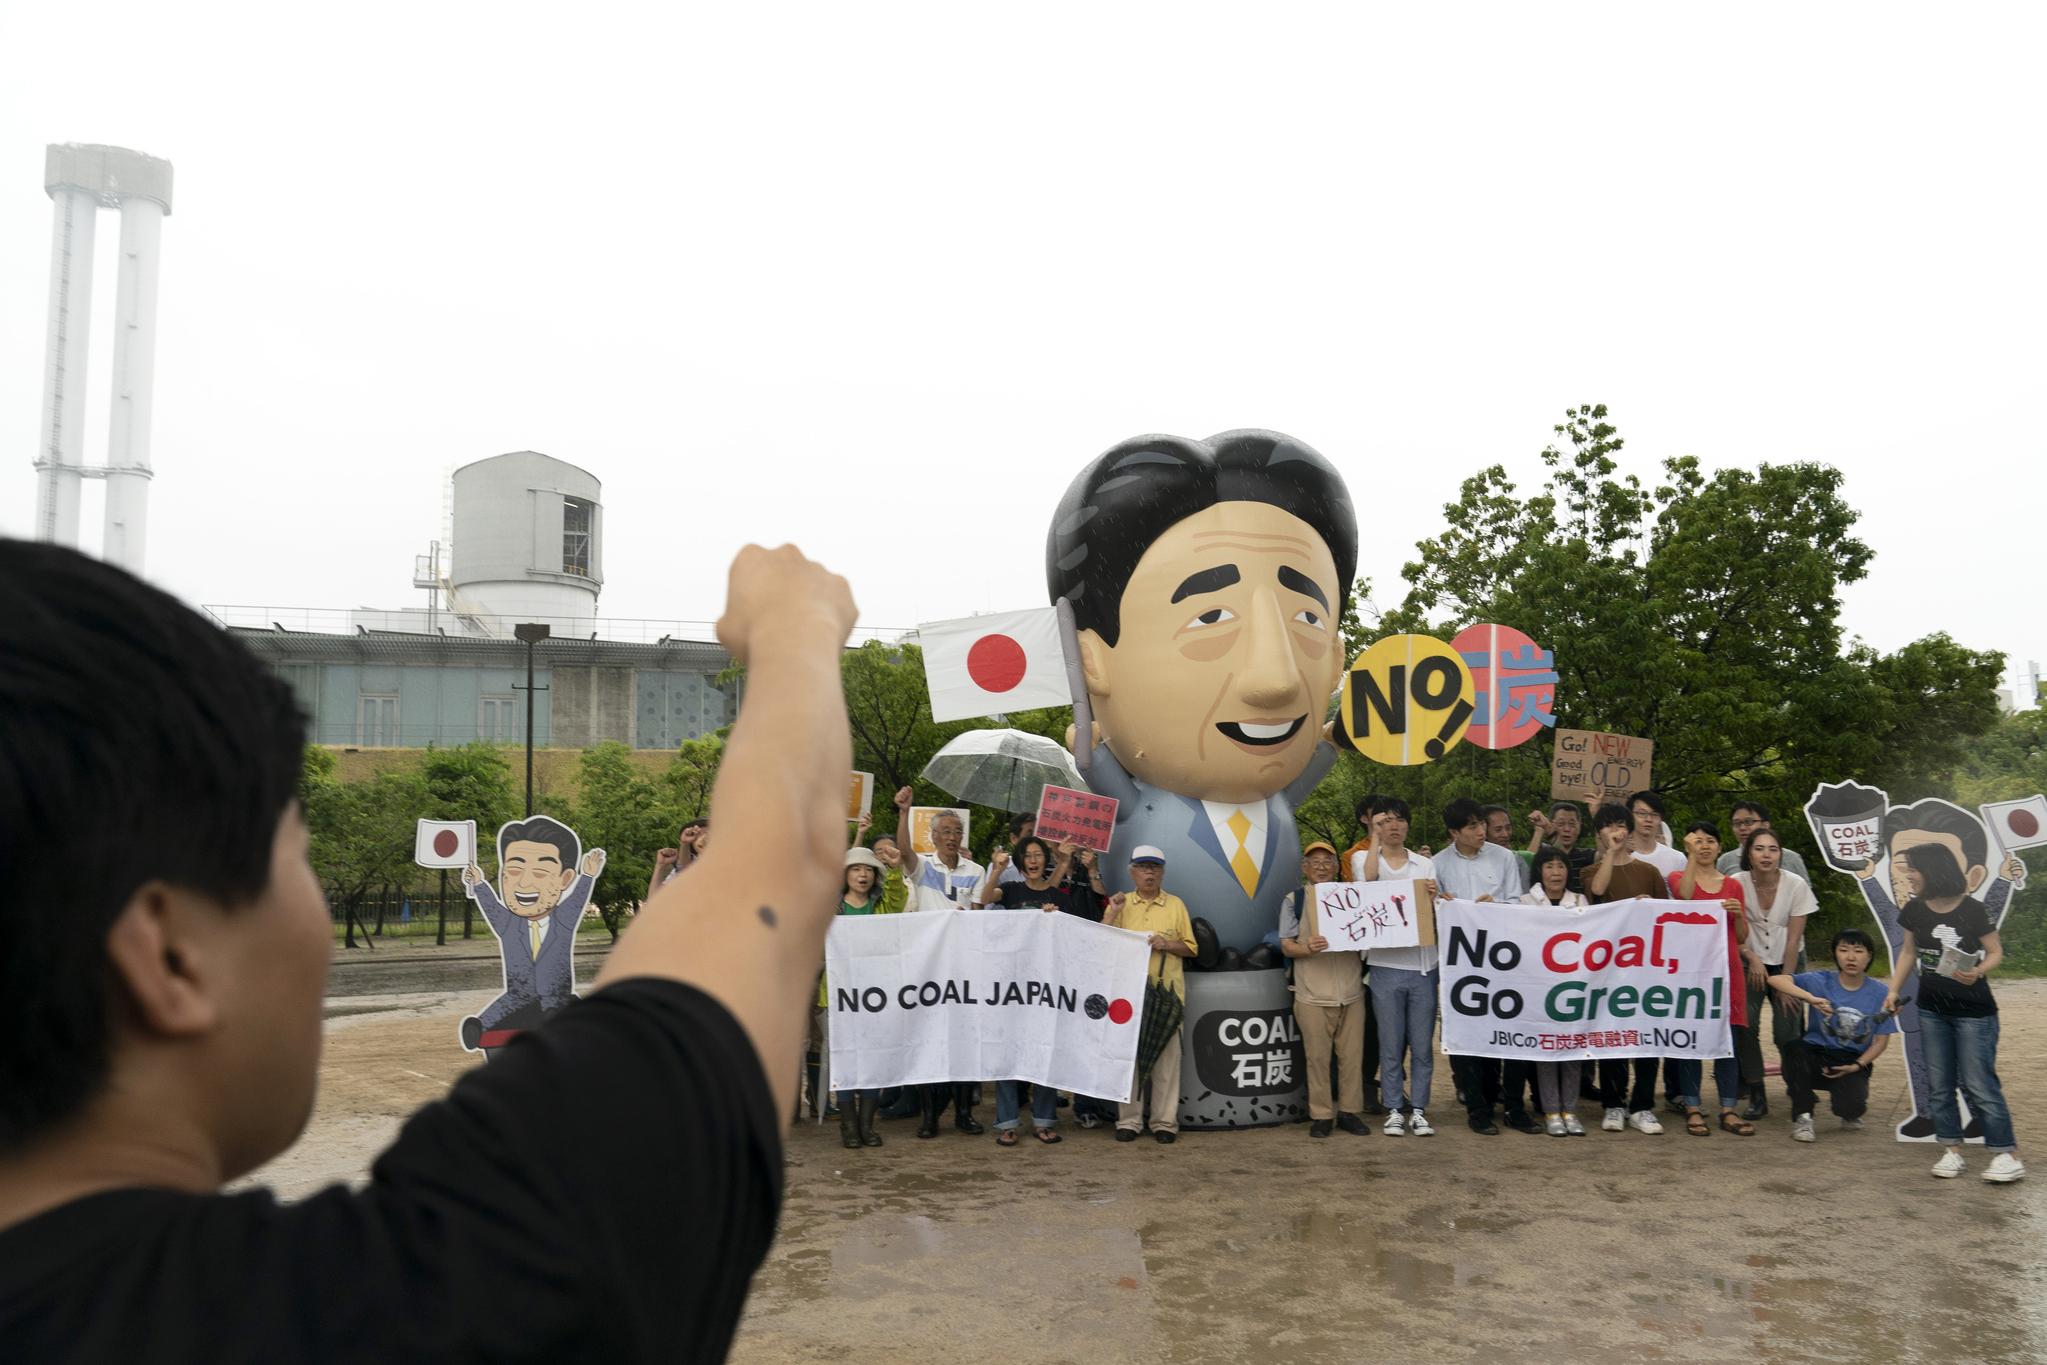 27일 일본 고베에서 환경운동가들과 지역주민들이 석탄 화력발전소 앞에 모여 아베 신조 일본 총리 풍선 인형을 세우고 구호를 외치고 있다. [AP=연합뉴스]